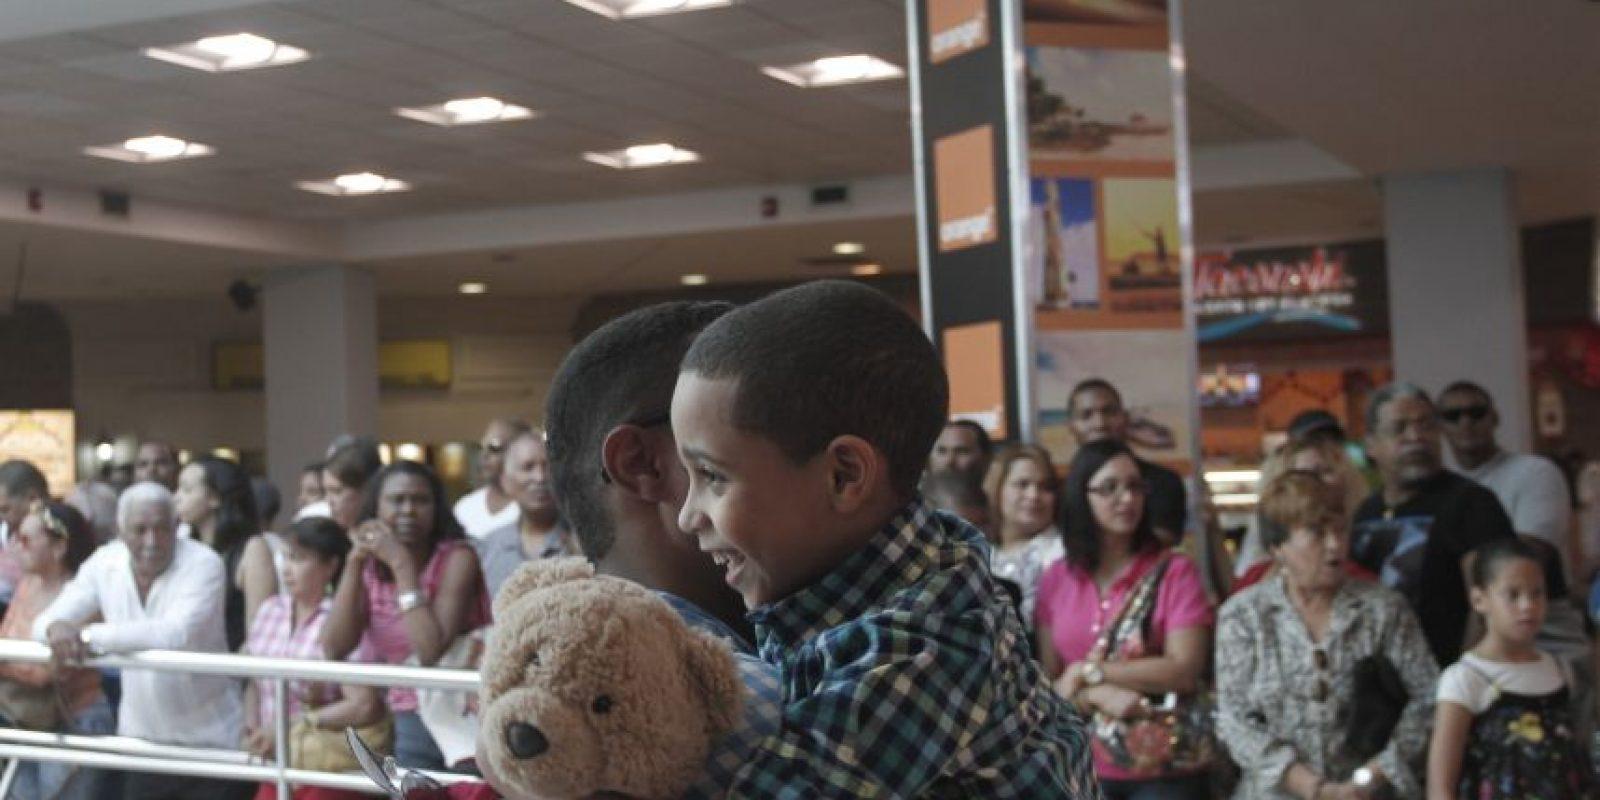 Los momentos más emotivos son los reencuentros de los padres con sus pequeños hijos. Foto:Roberto Guzmán